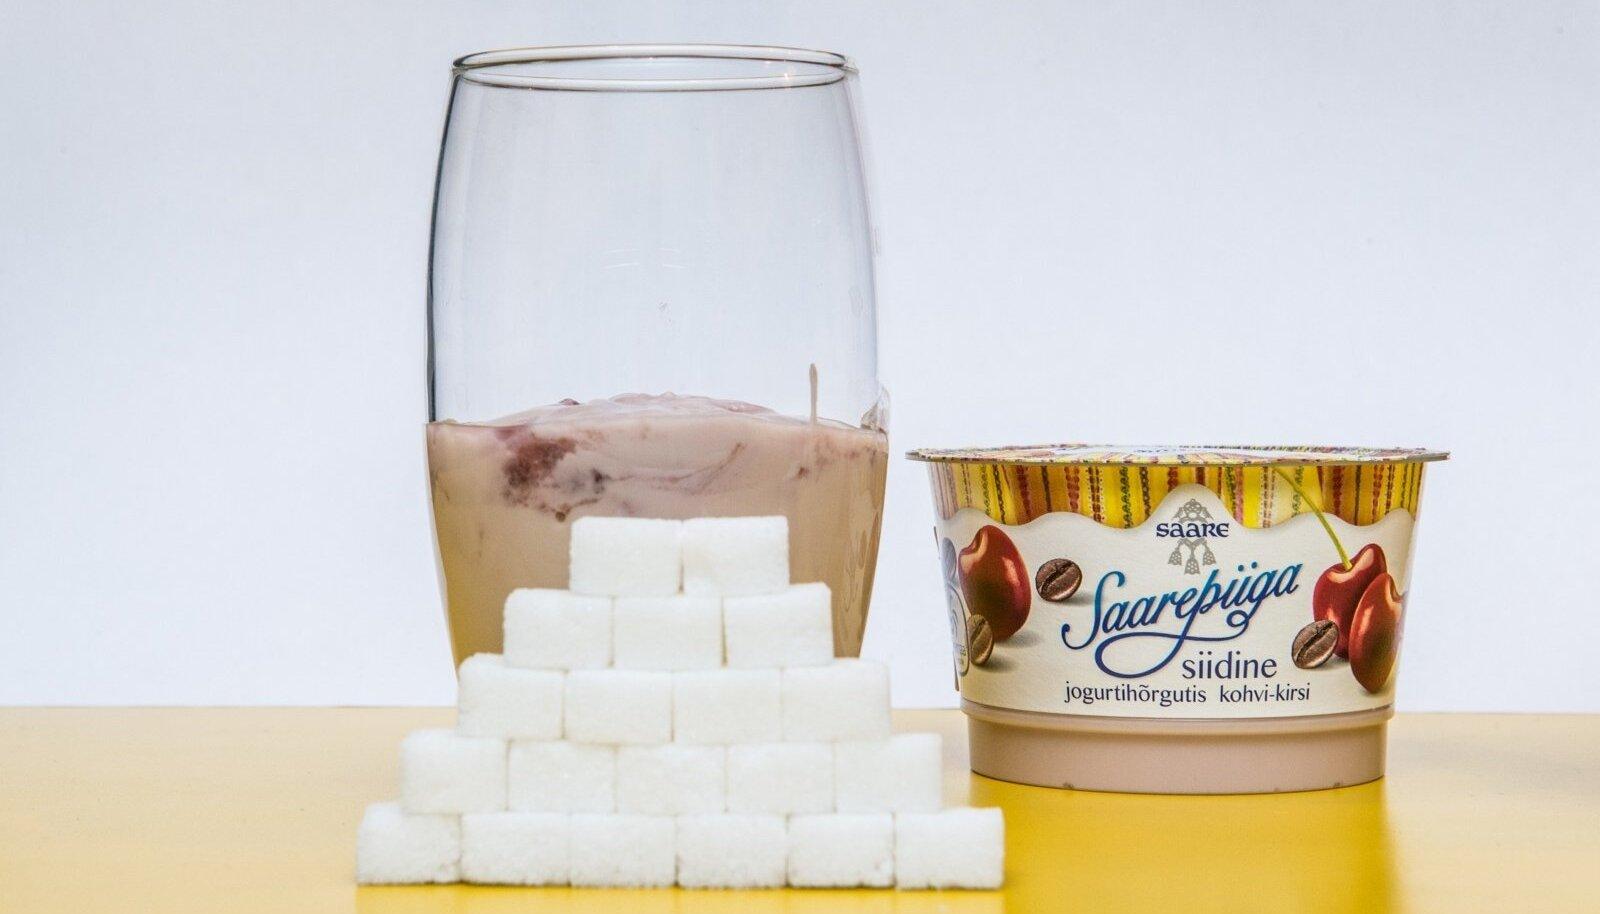 Klaasi valatud jogurtis on täpselt selline hulk suhkruid nagu kujutavad selle ees seisvad suhkrukuubikud.